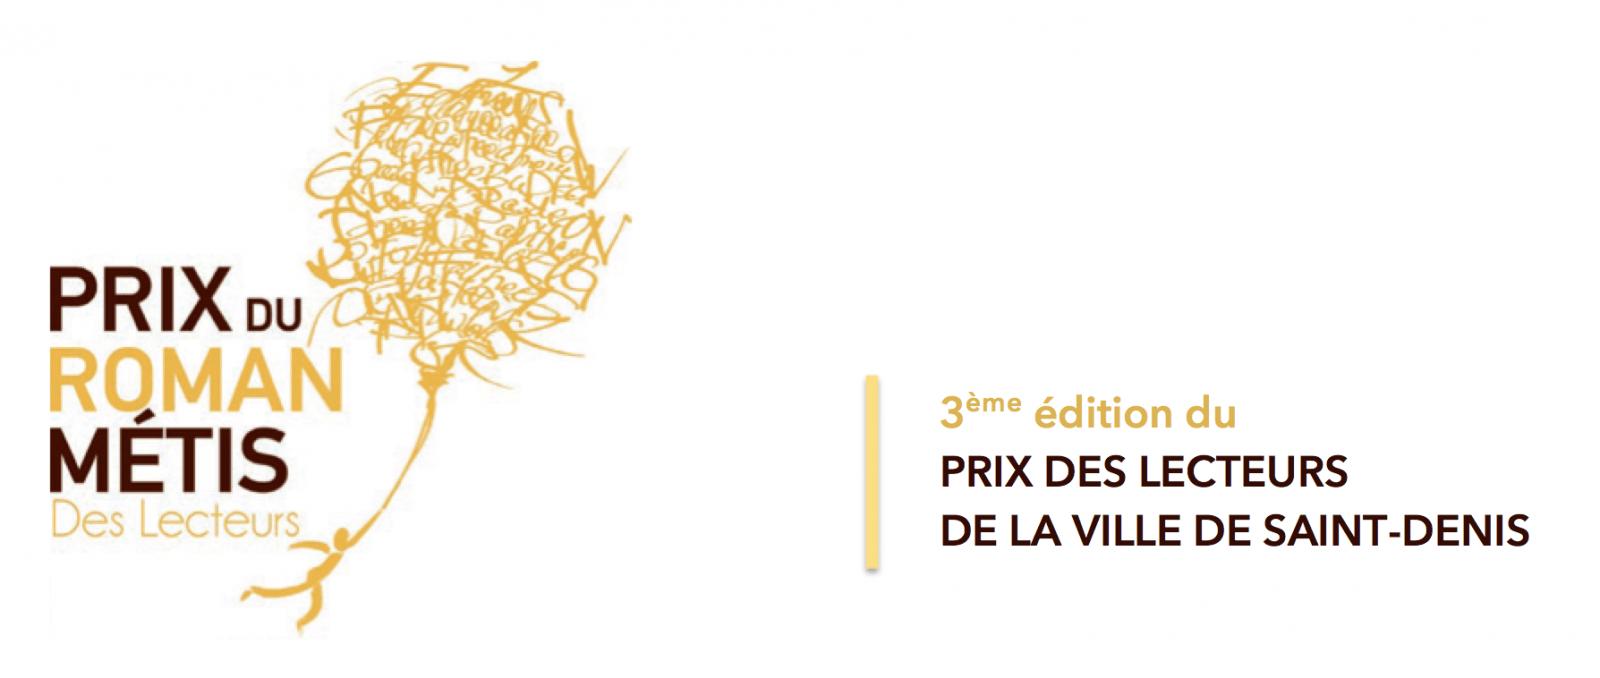 Prix du Roman Métis des Lecteurs 2018